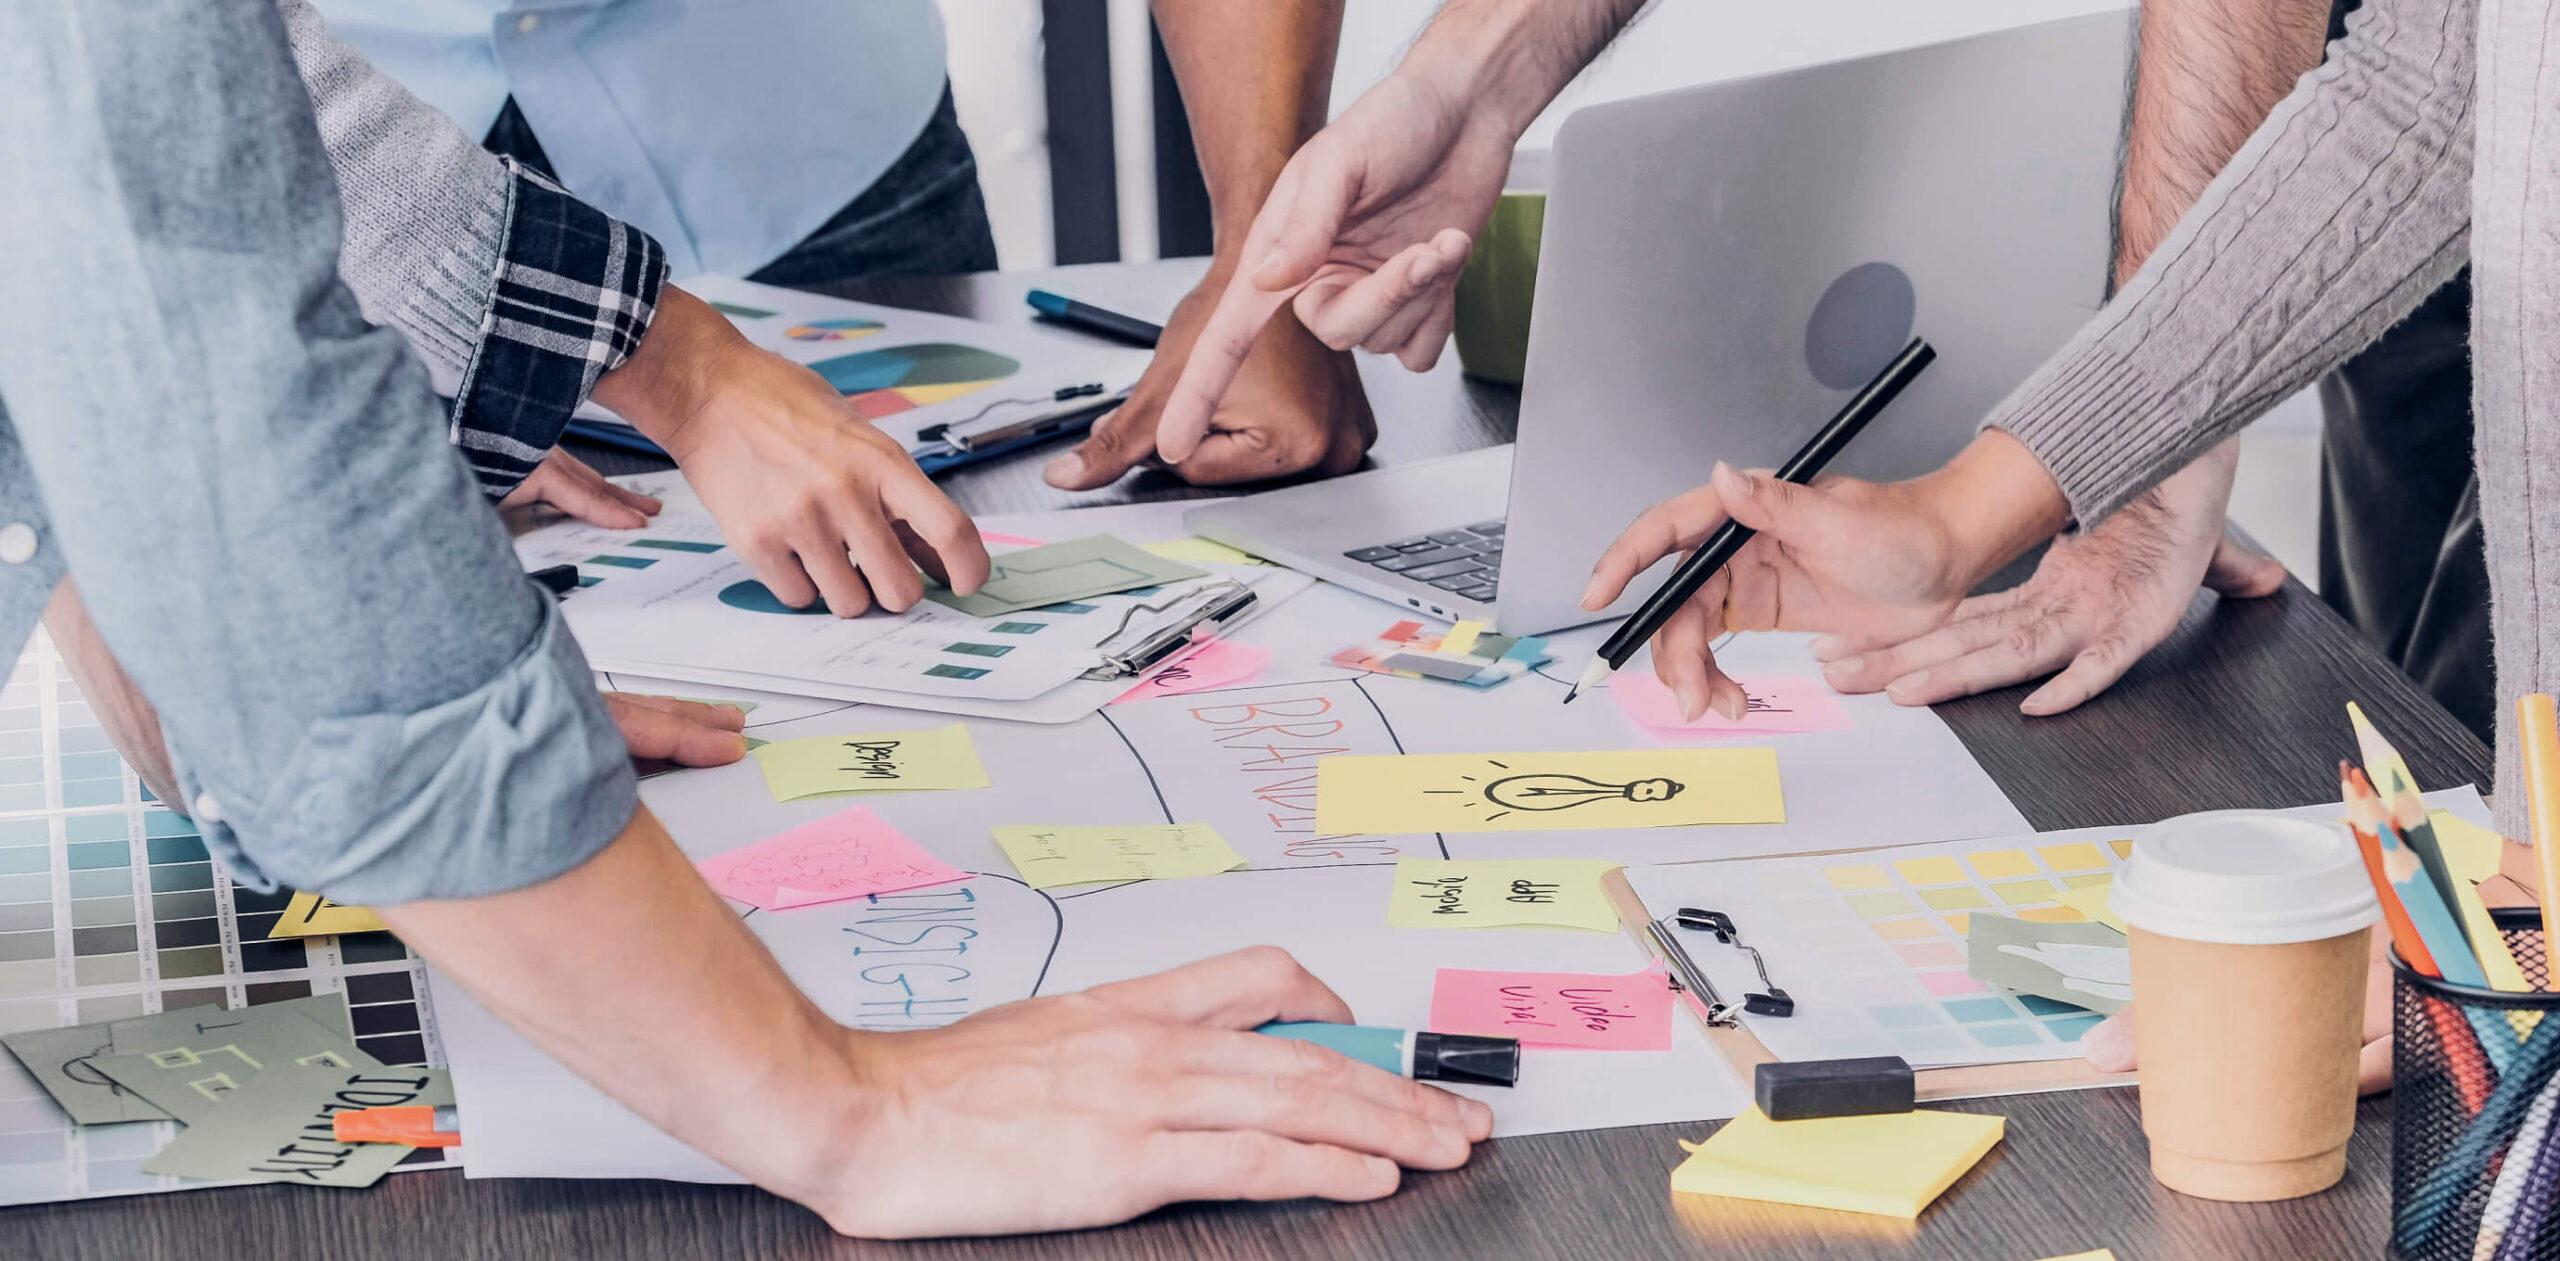 デジタルマーケティング戦略立案